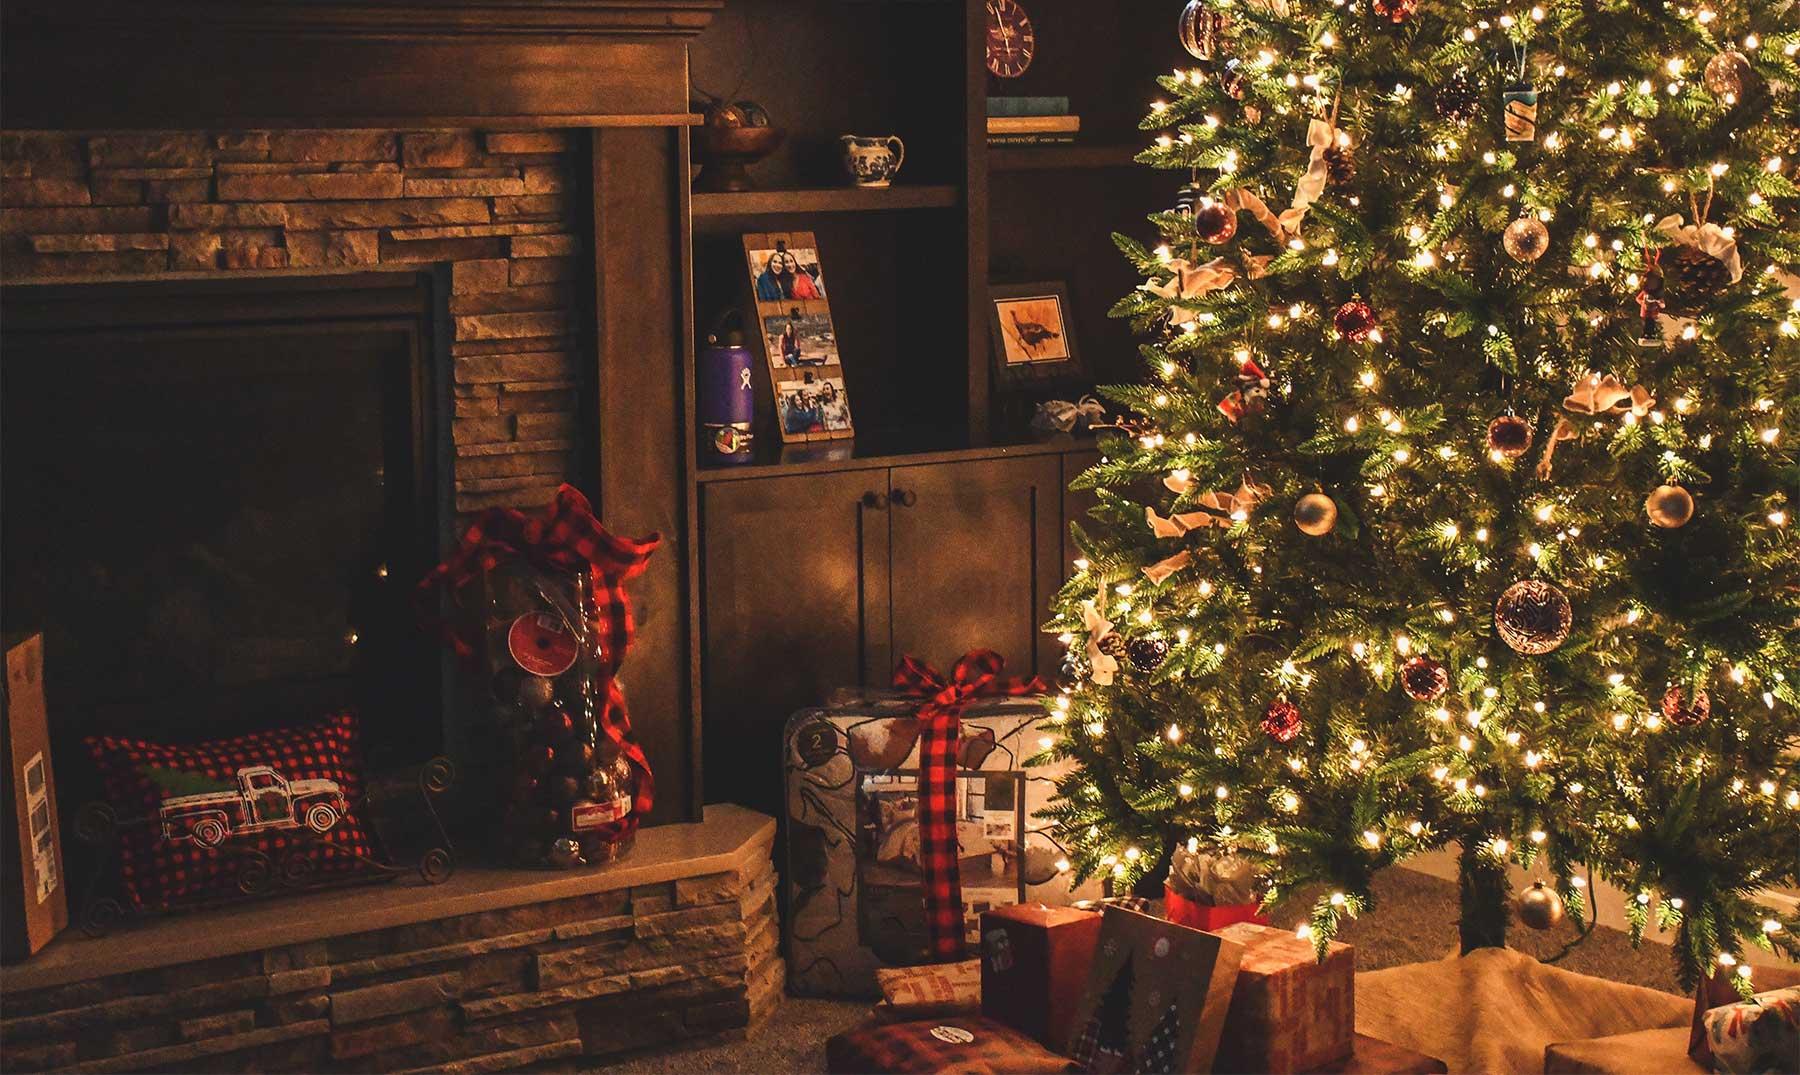 Navidad ECO | Reduce el impacto ambiental de estas fiestas